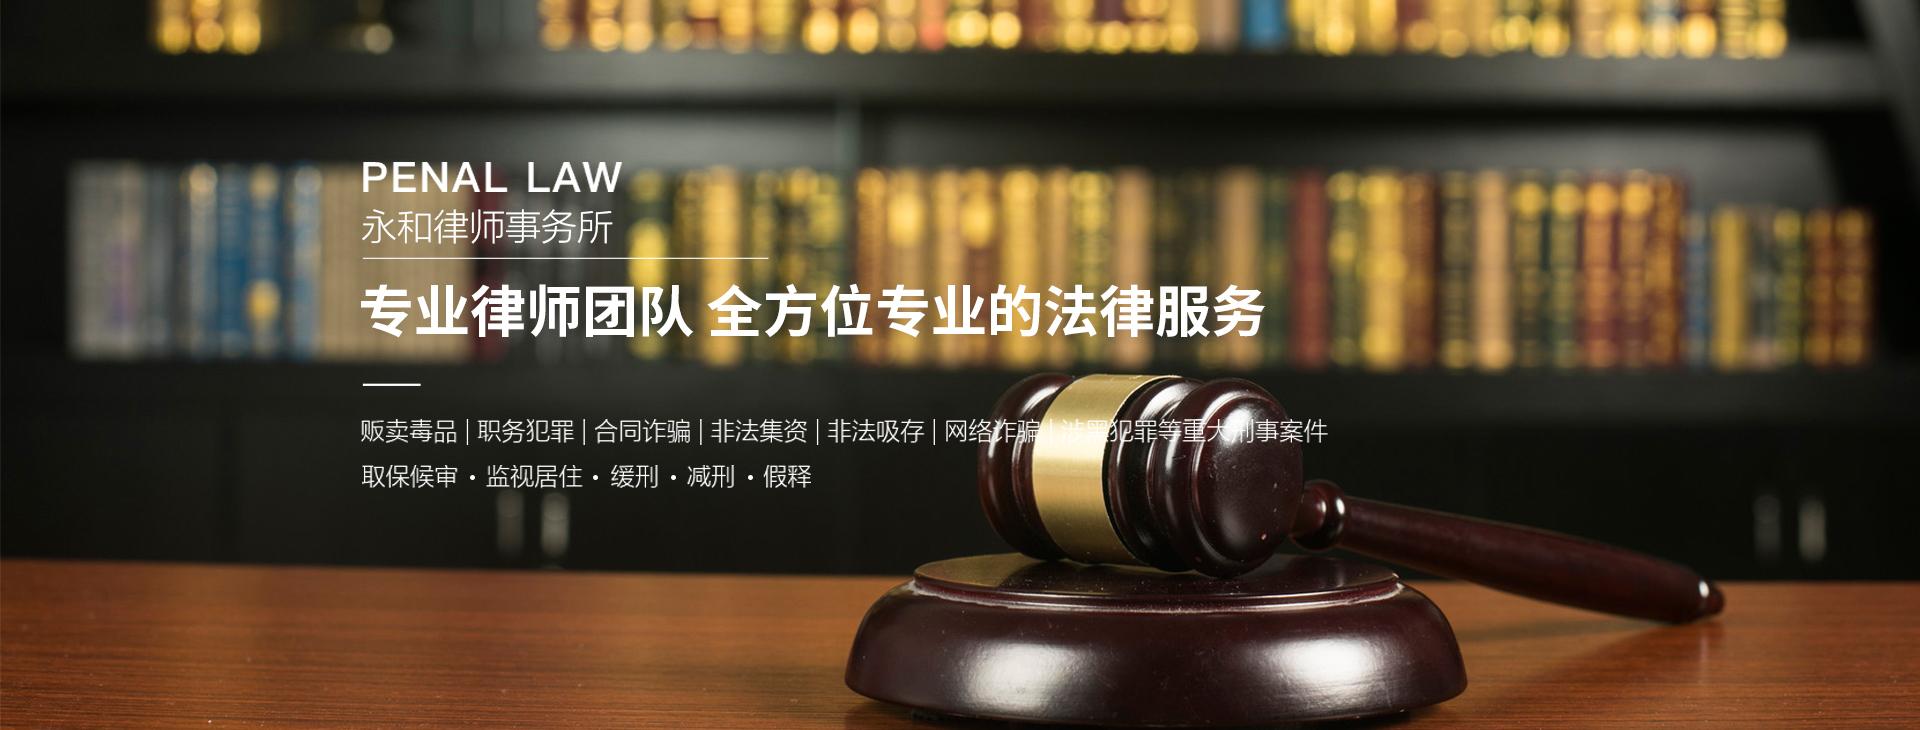 重庆律师事务所